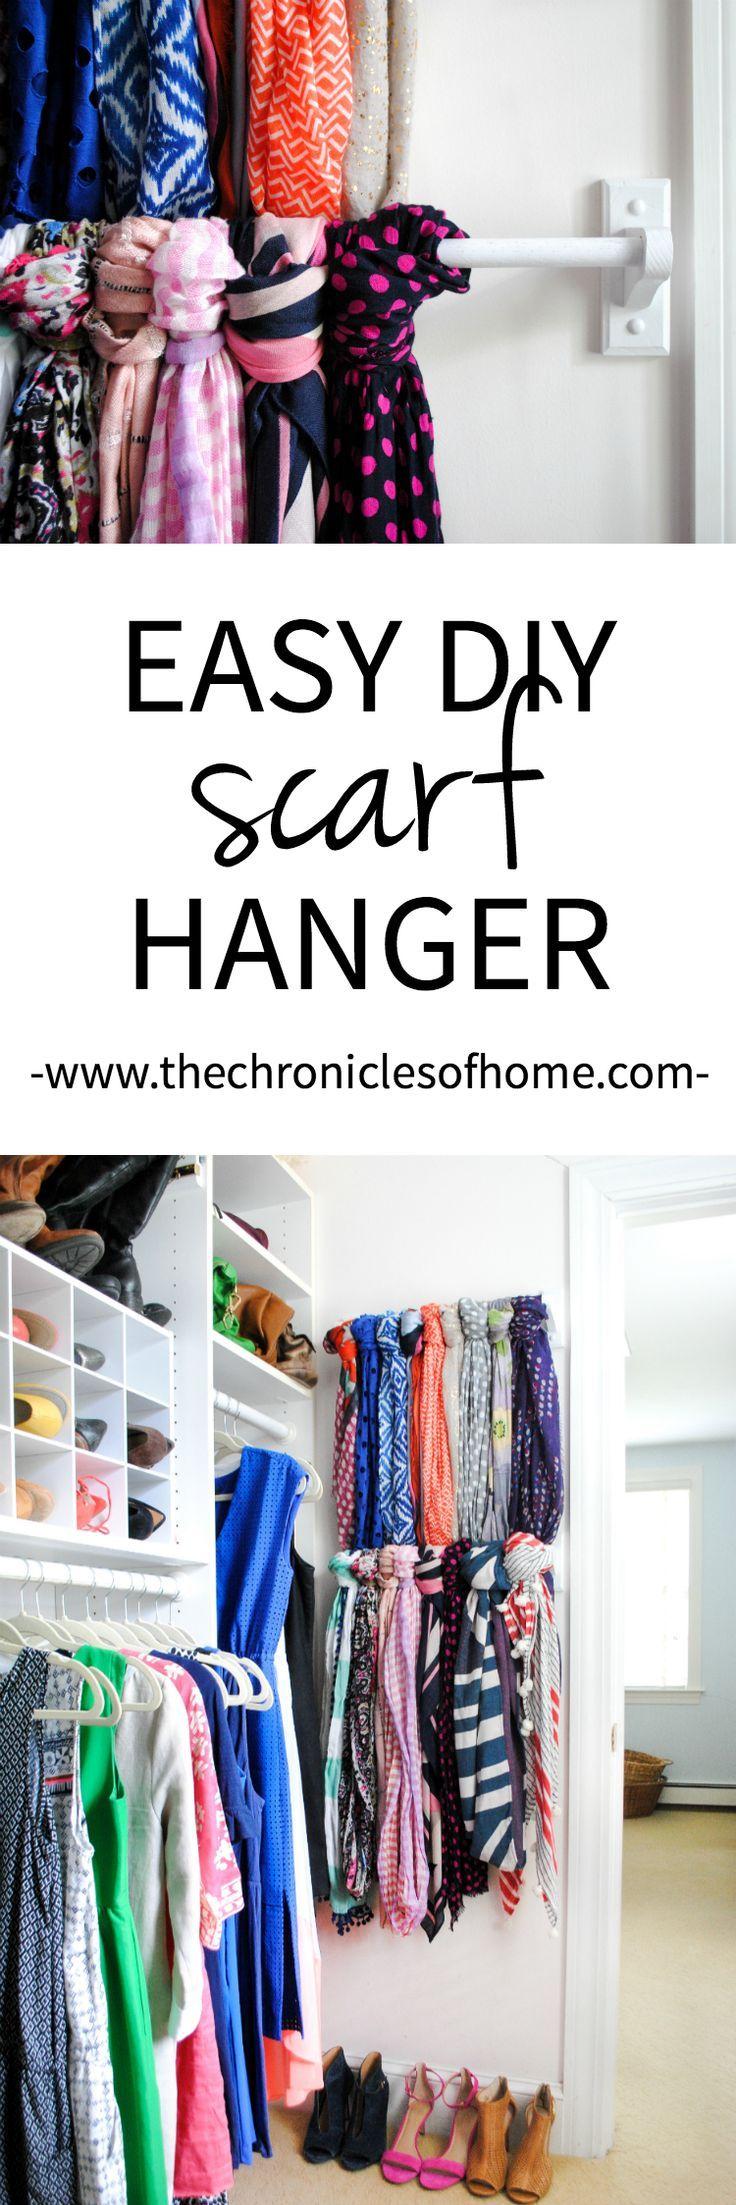 Scarf Hanger {Closet Organization Ideas Scarf storage